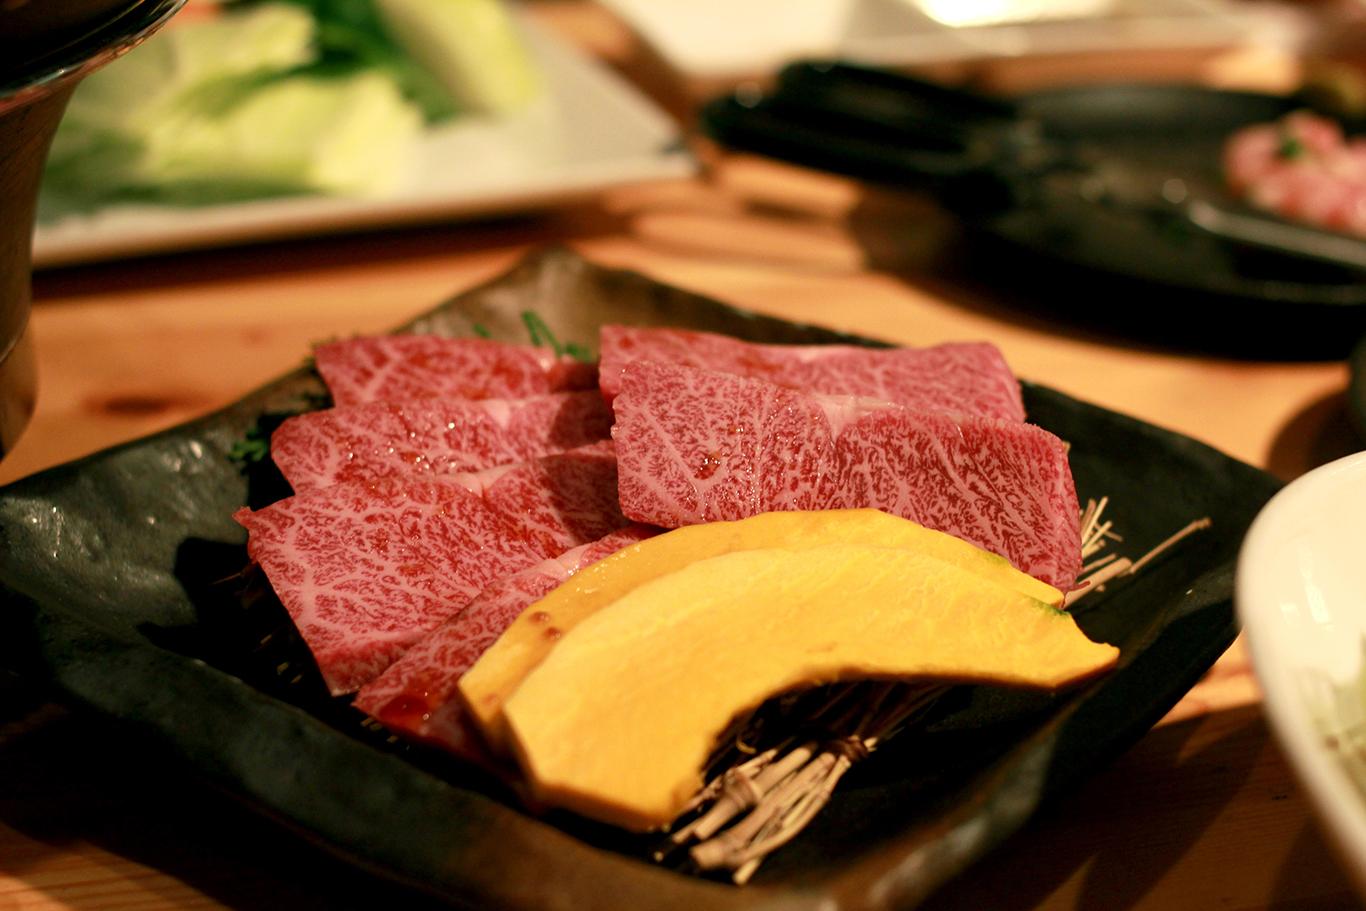 福山市の焼肉店おすすめは?食べ放題やランチで美味しい肉を堪能!